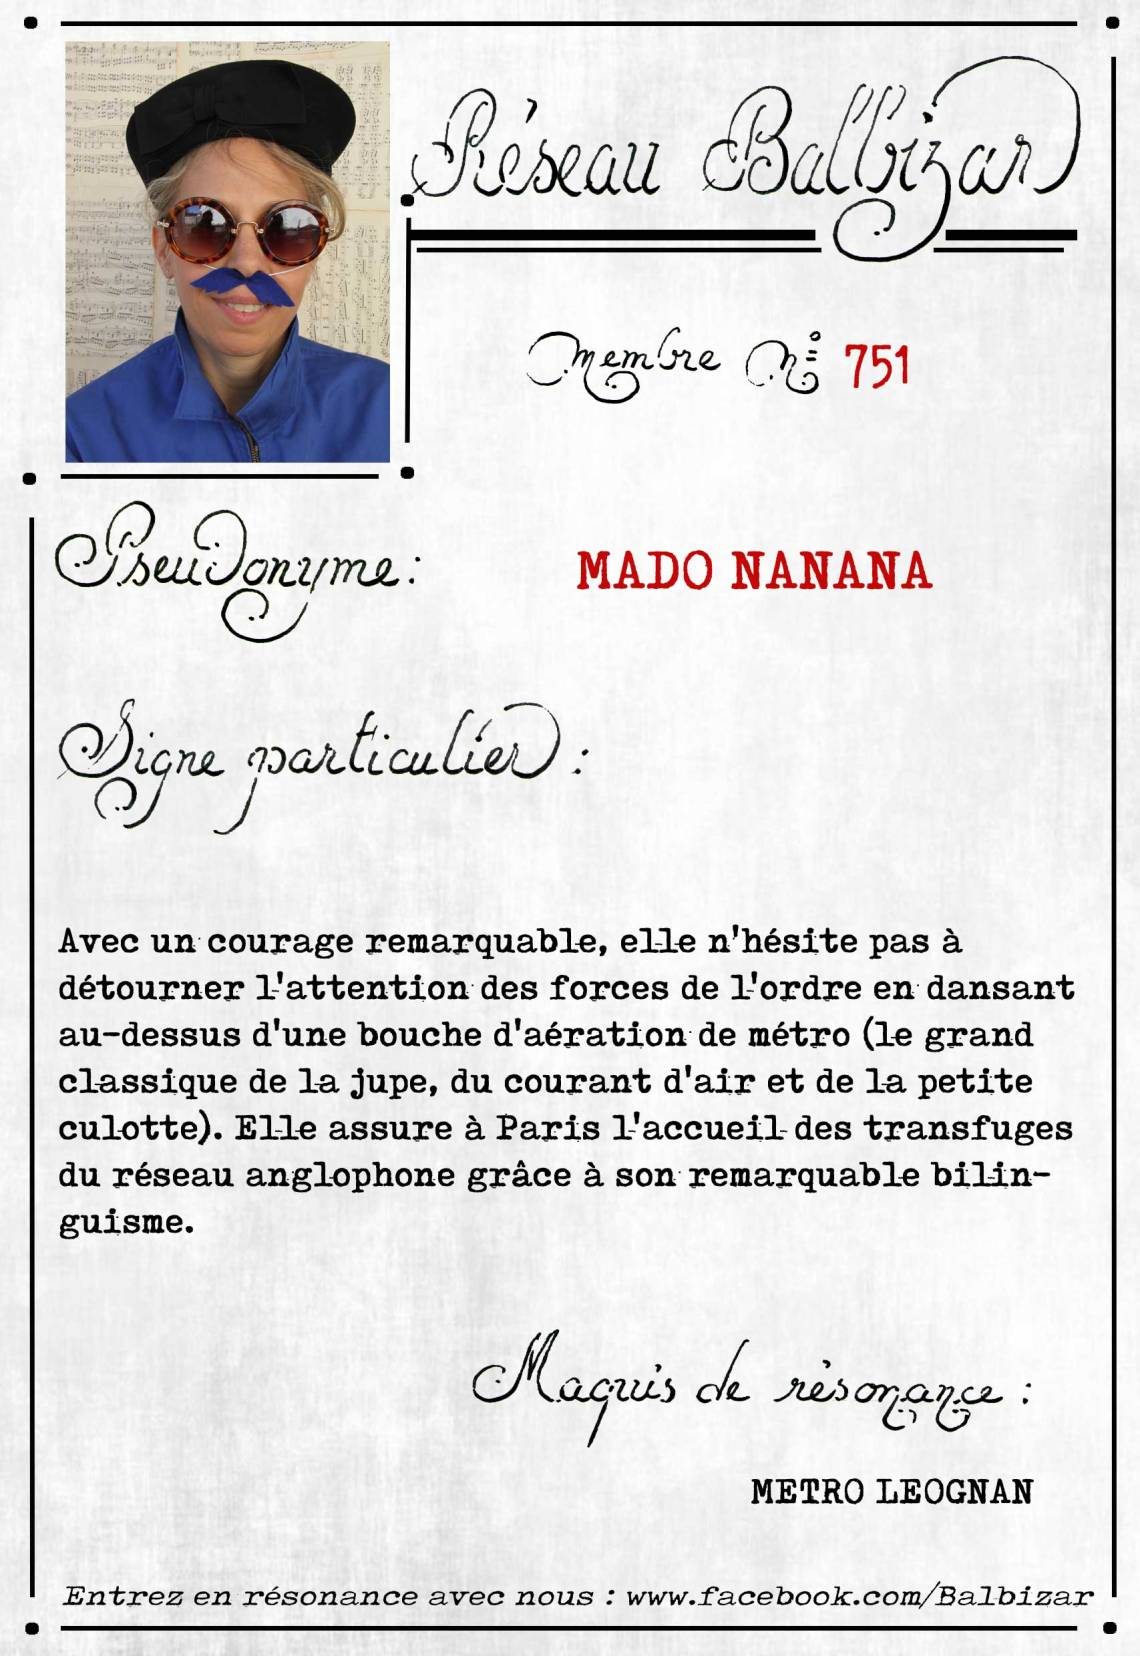 carte-réso-MADO-NANANA